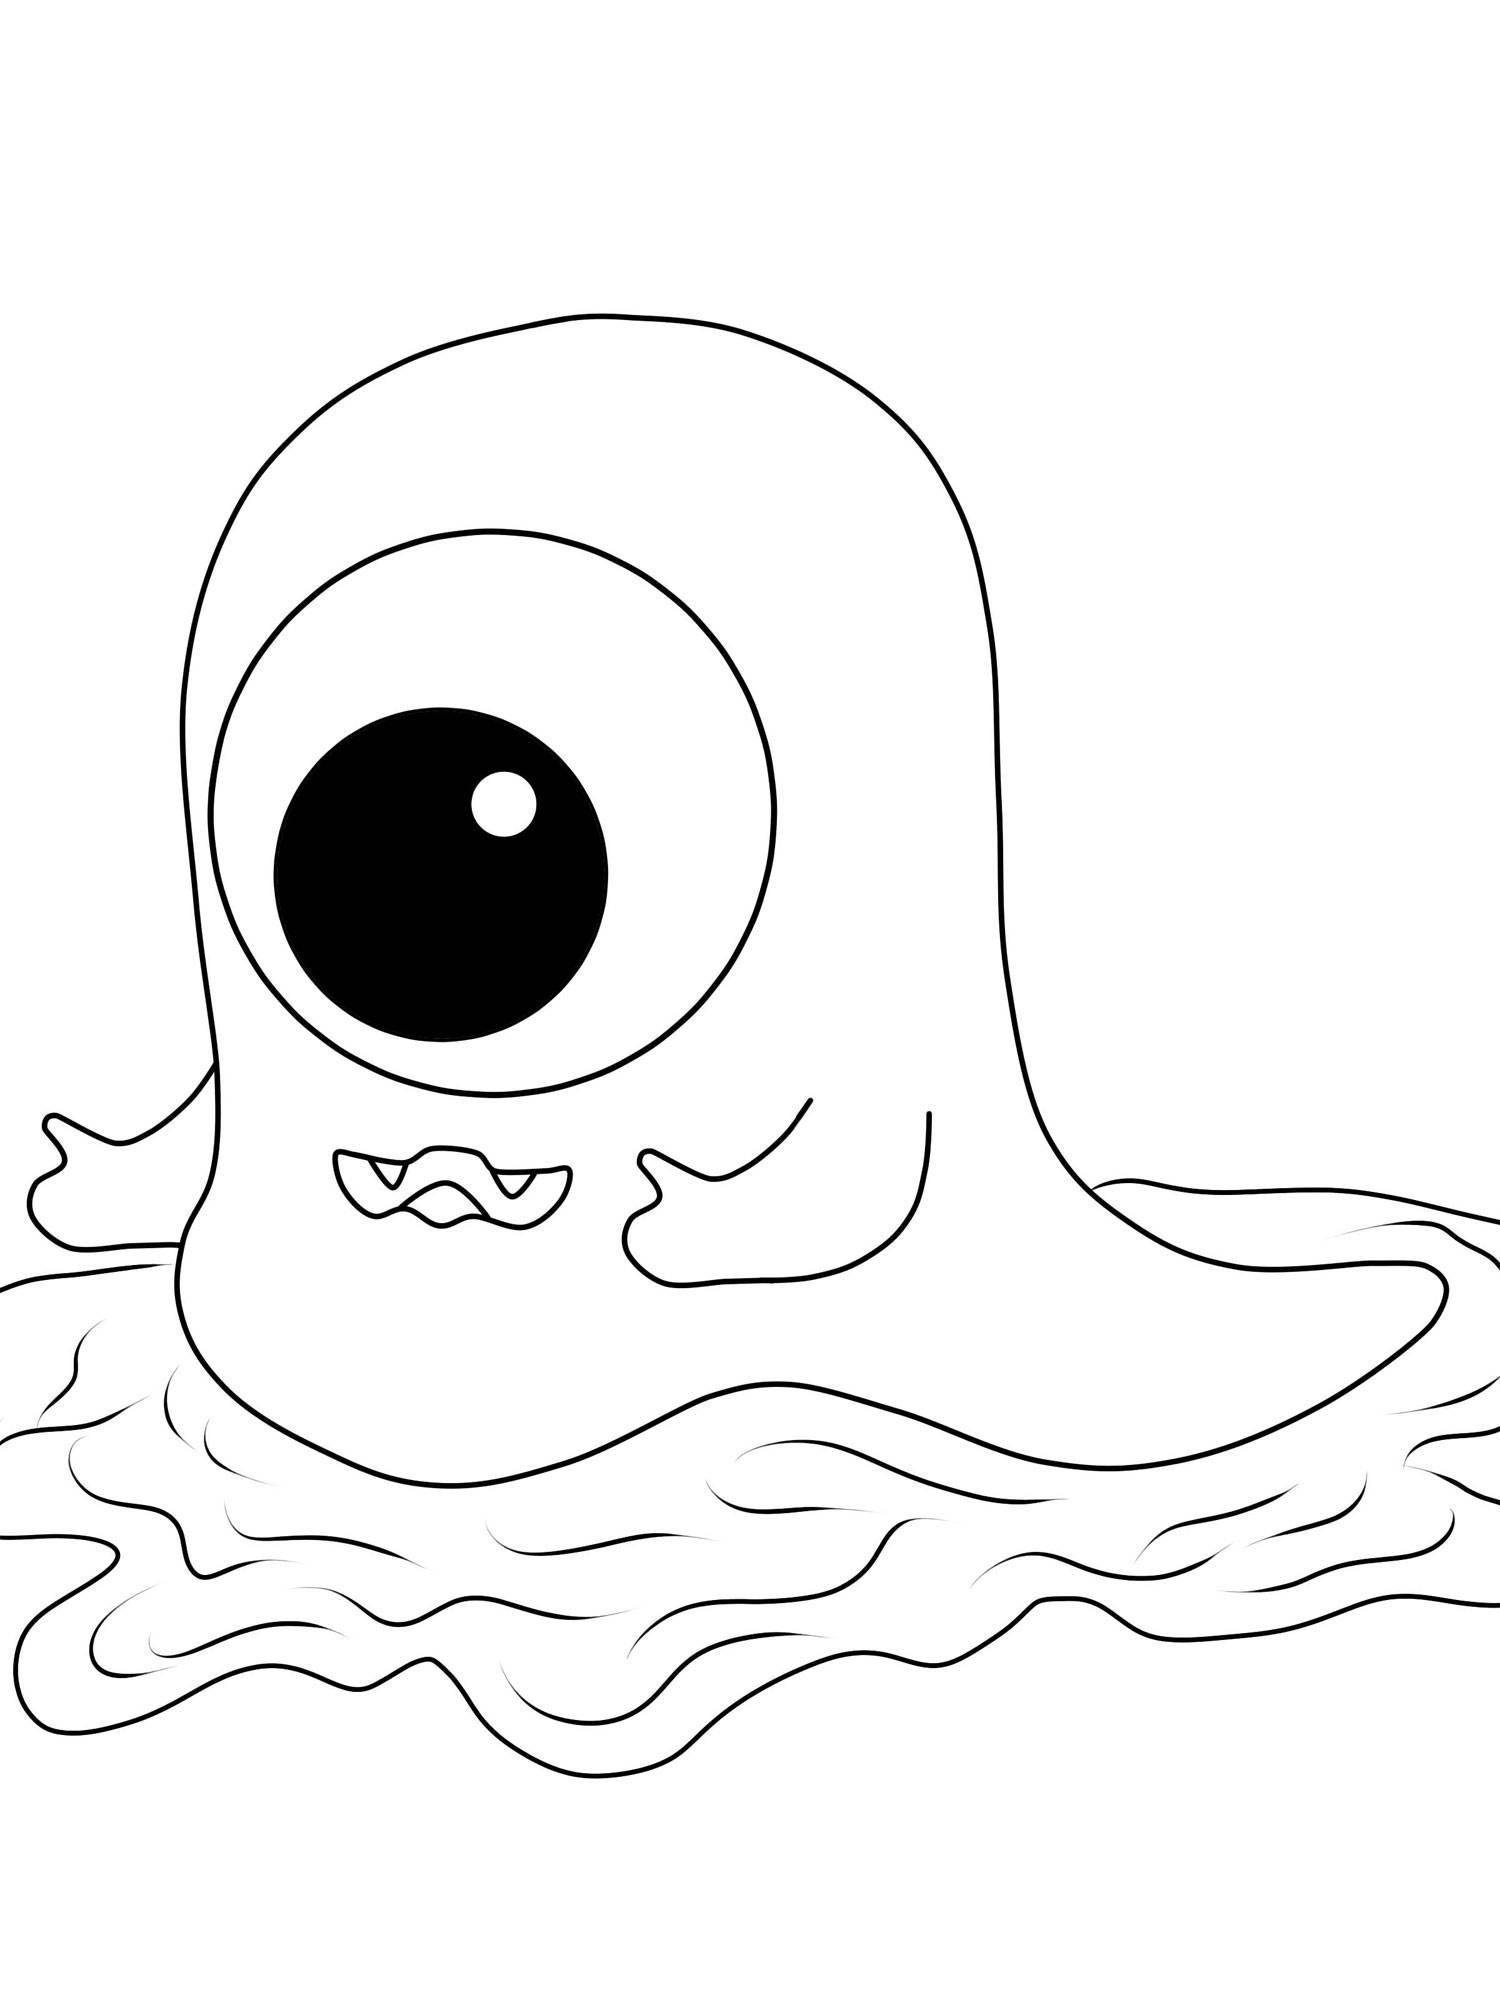 Gruselige Monster Ausmalbilder Genial Malvorlagen Halloween Gruselig Schön Neu Gruselige Malvorlagen Für Bild